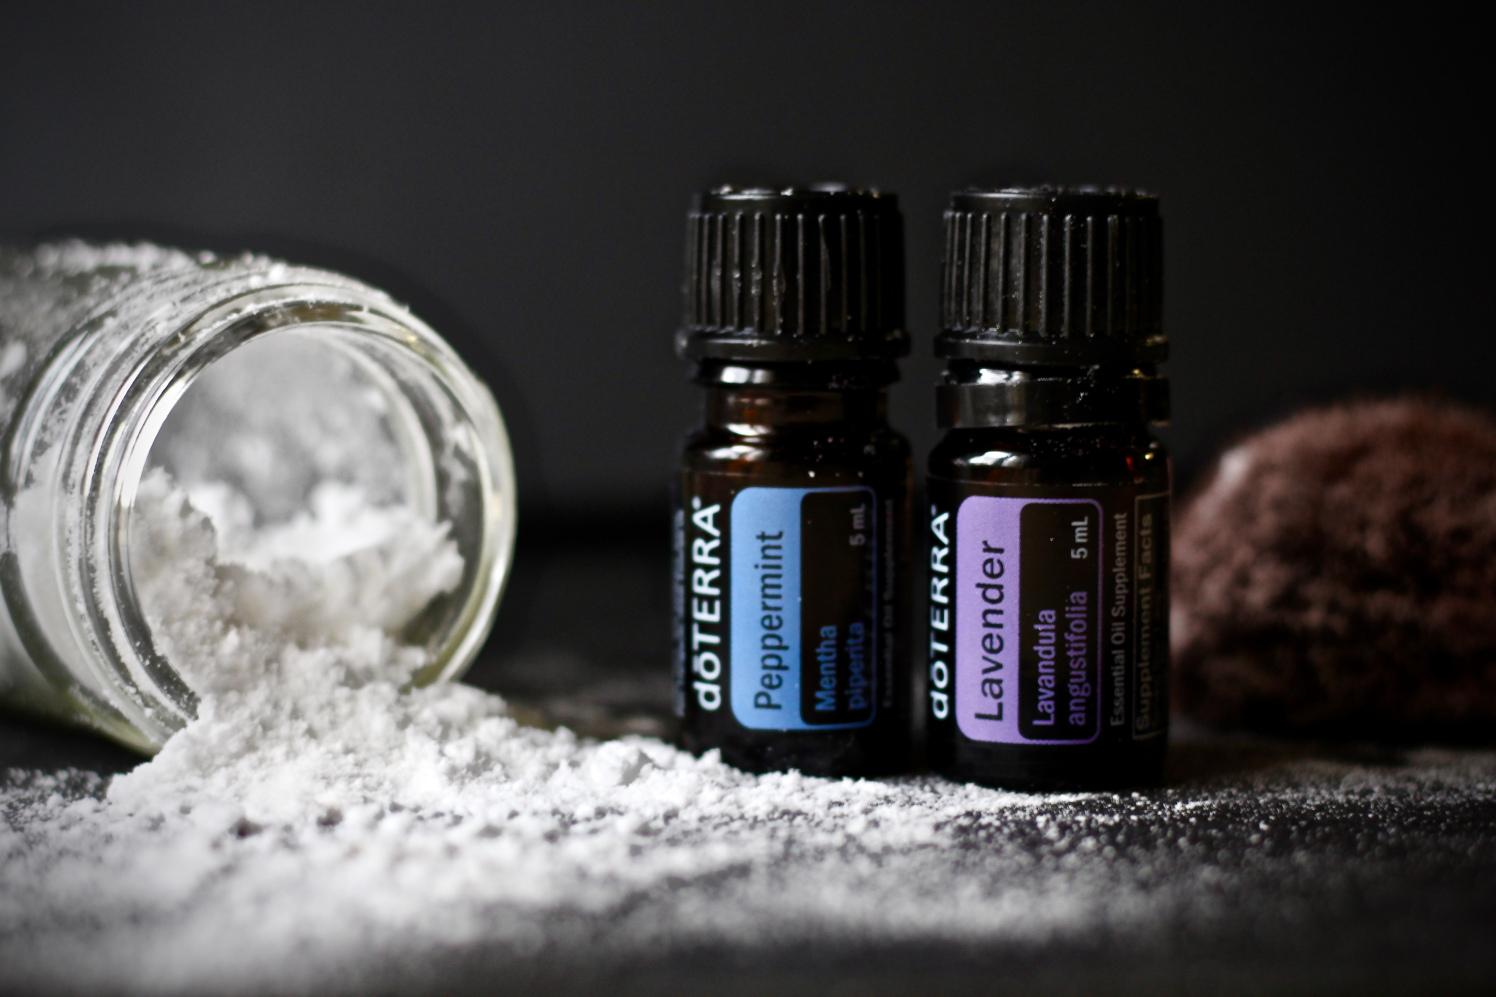 Dry Shampoo arrowroot powder essential oil